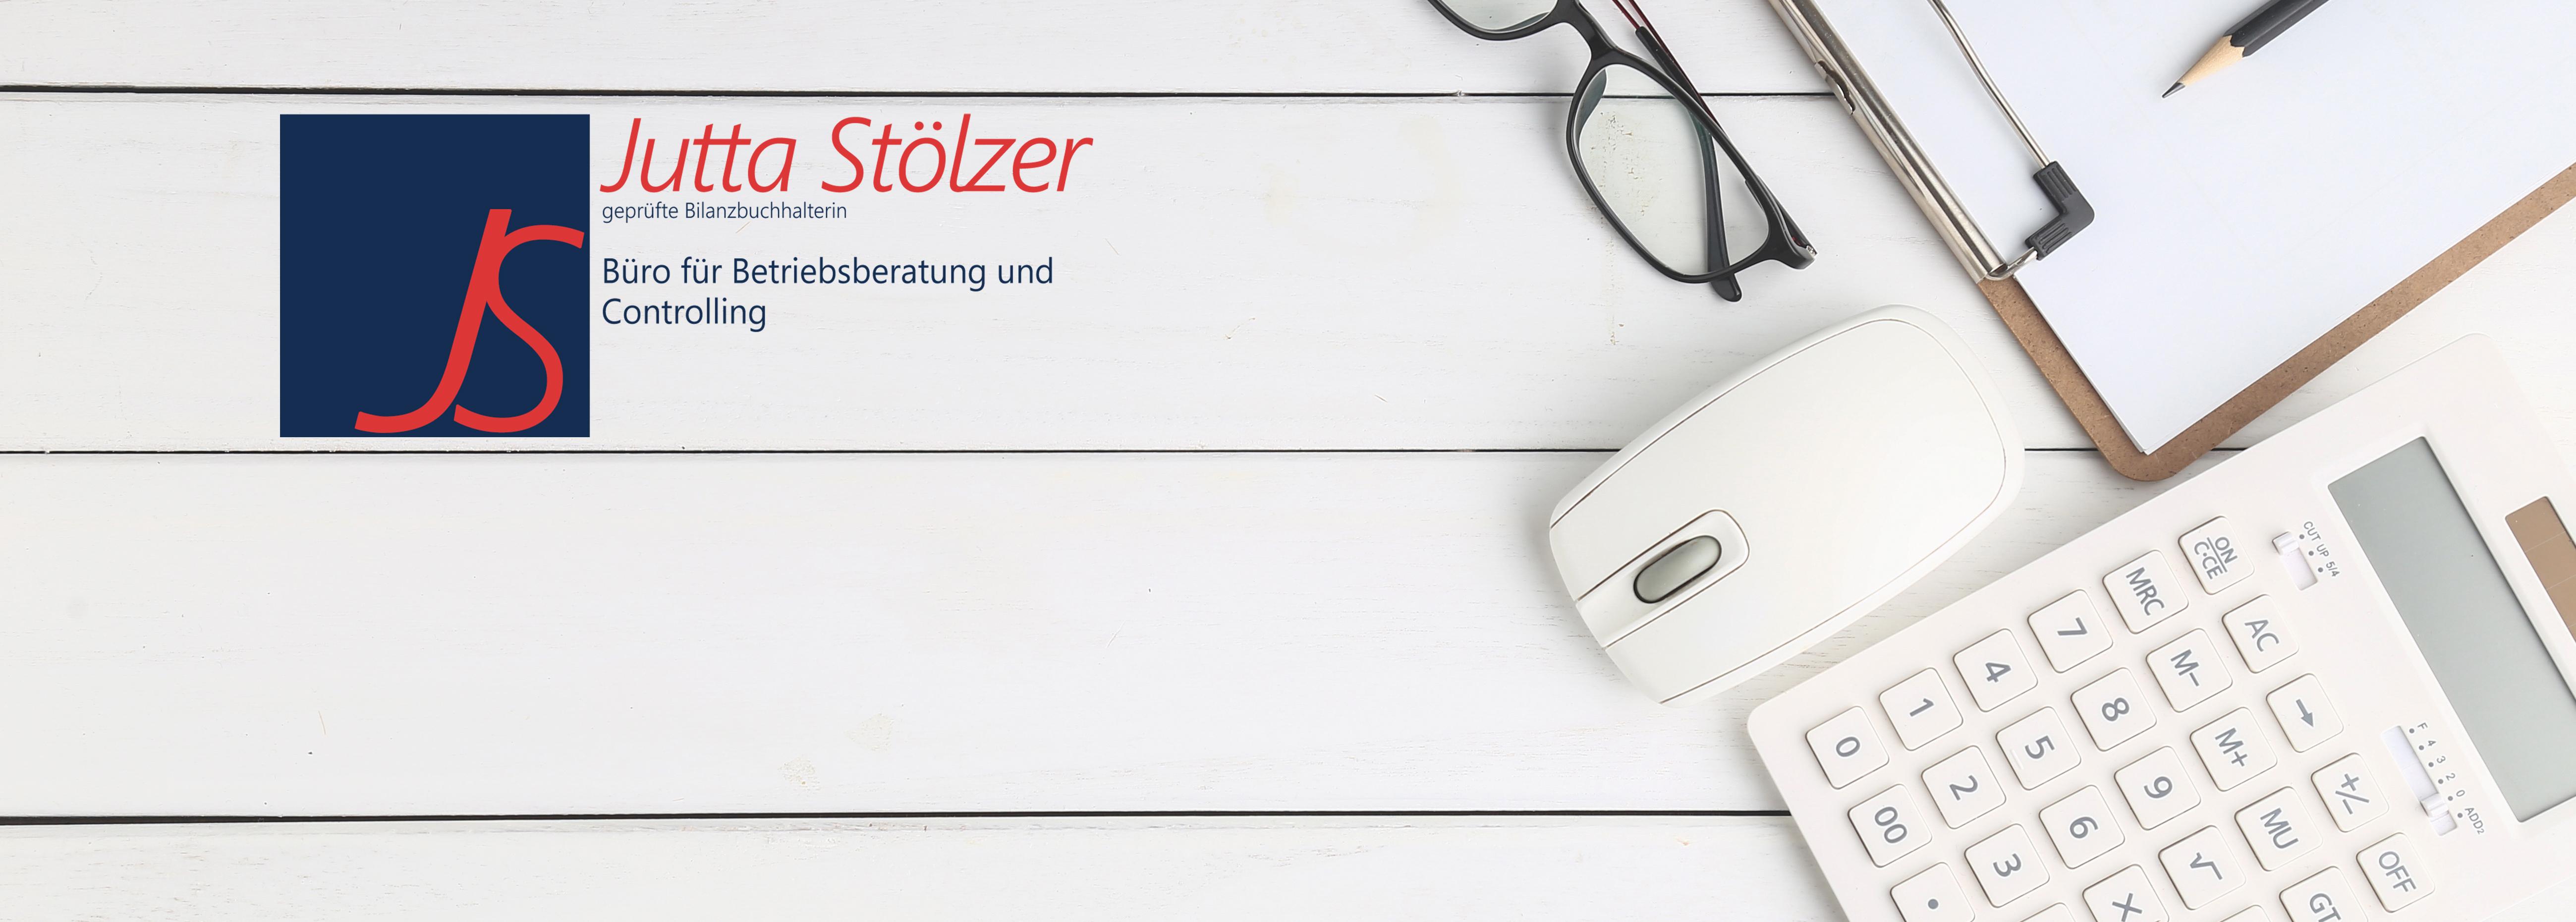 Jutta Stölzer - Büro für Betriebsberatung und Controlling